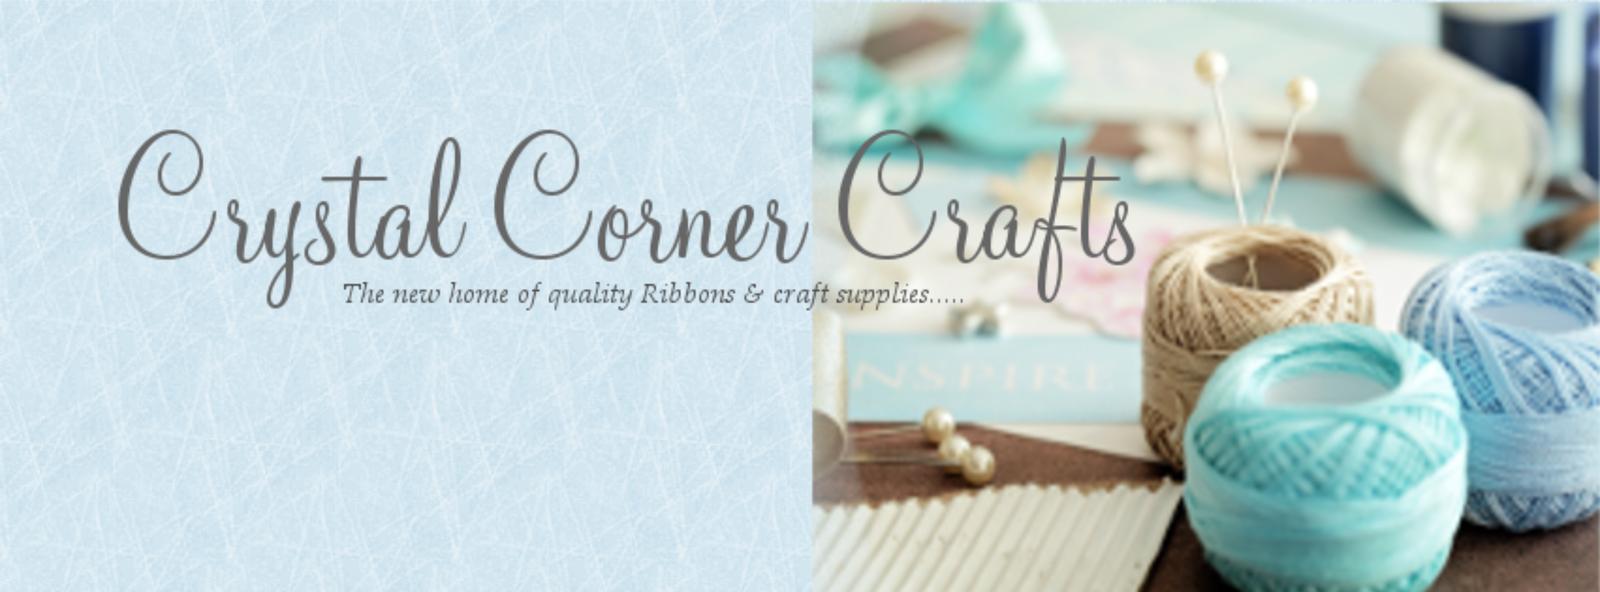 Crystal Corner Crafts